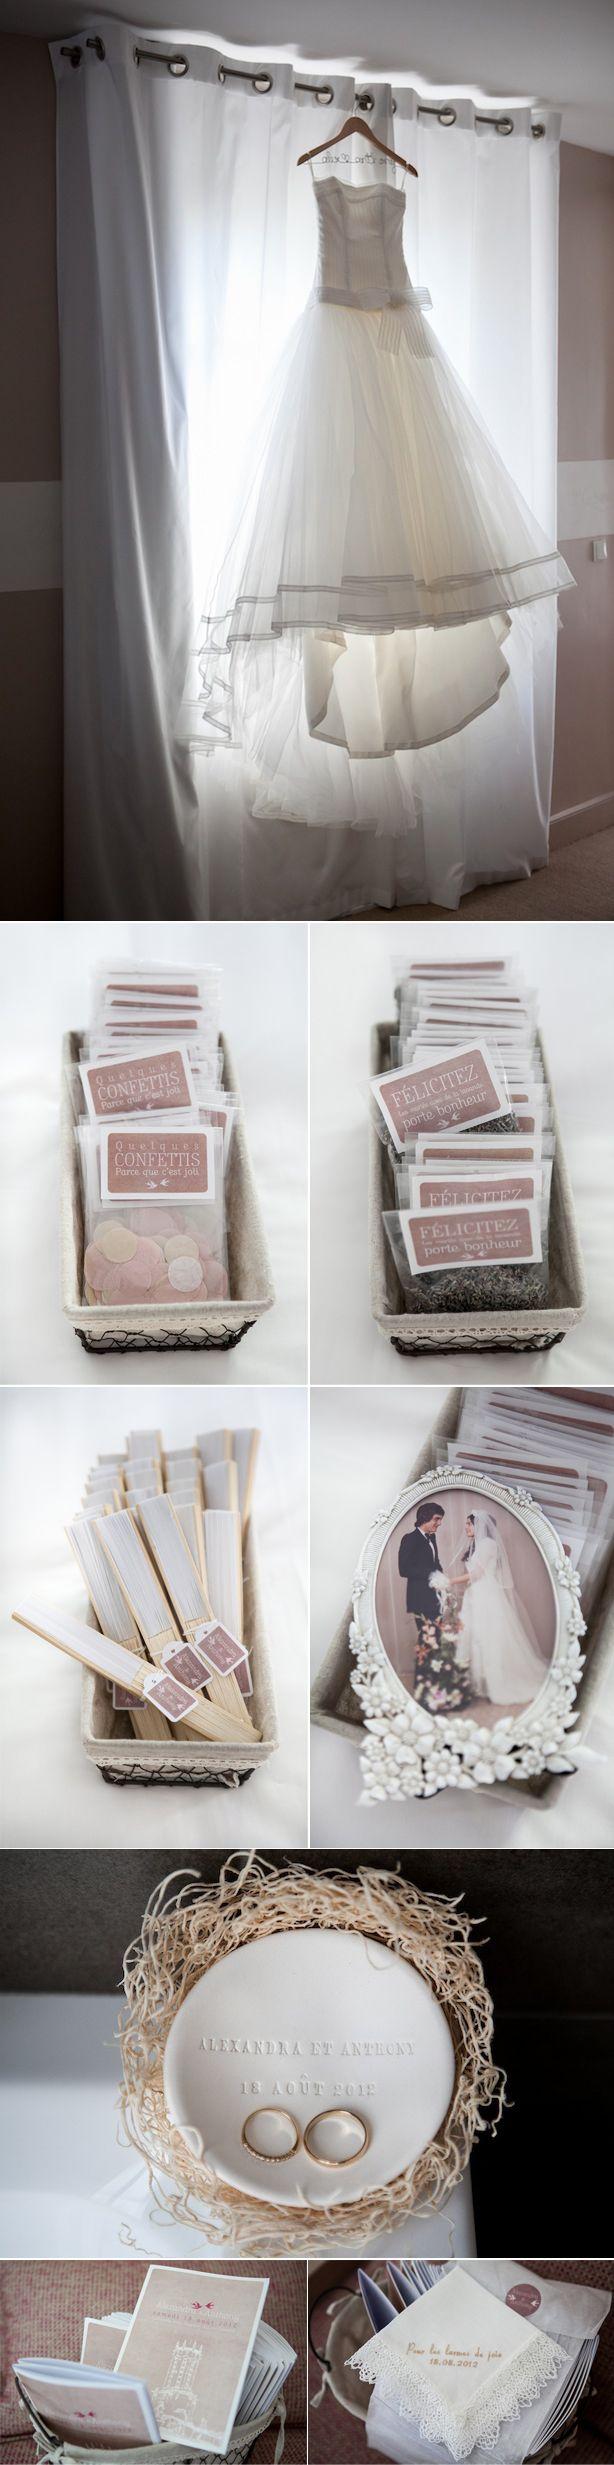 2 sachets à lacer: gros confettis ronds aux couleurs du mariage (blancs et beige) et des grains de lavande.